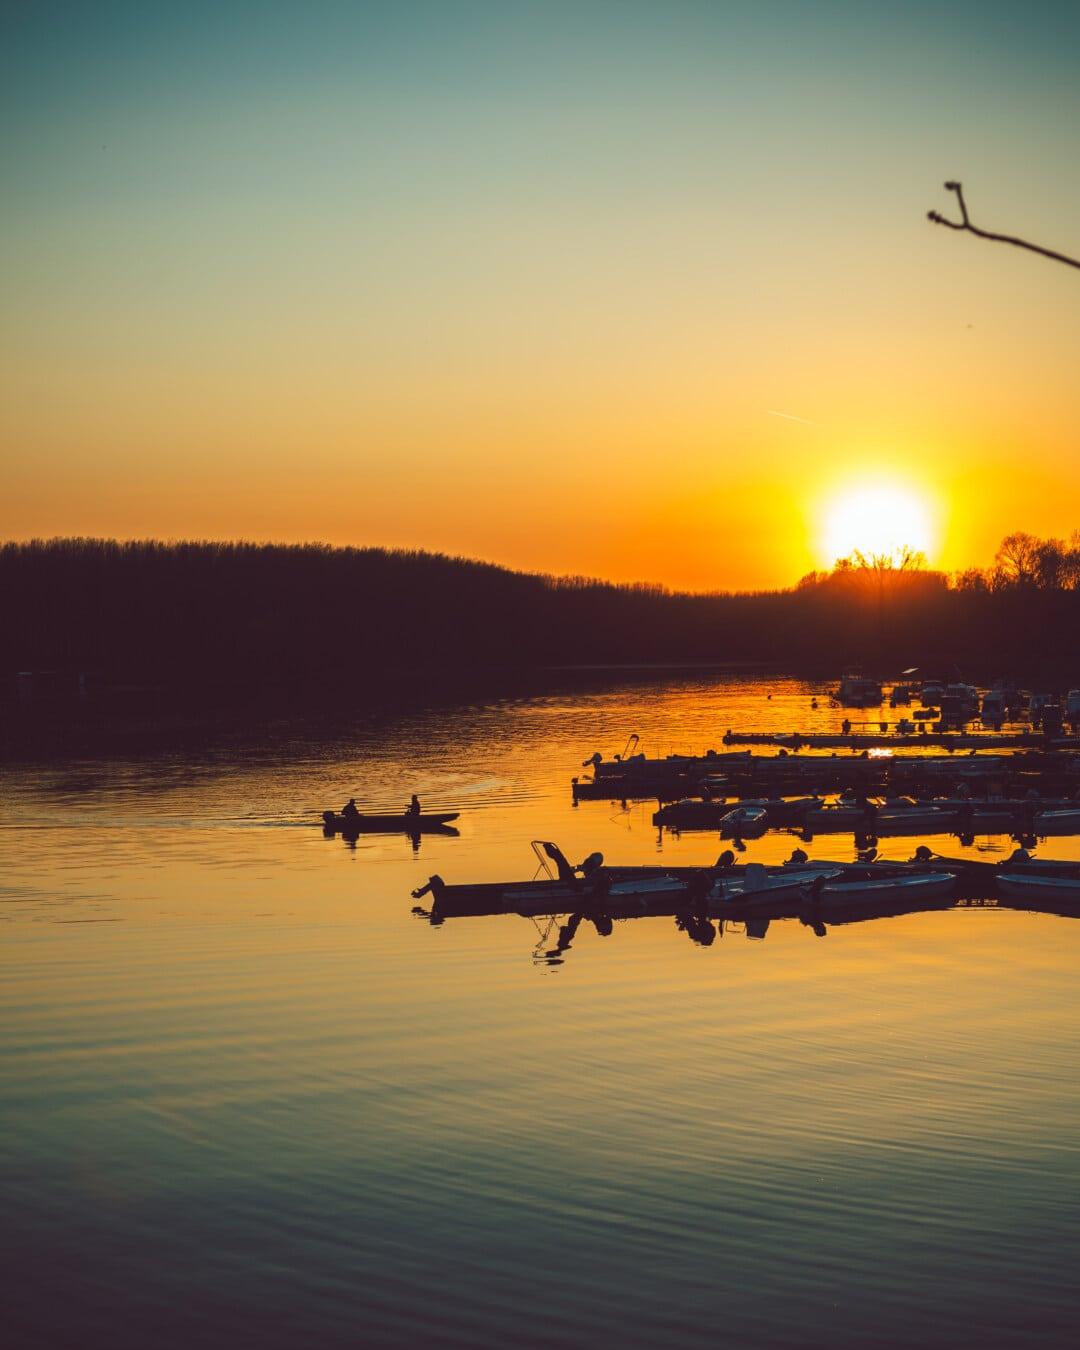 Sonnenuntergang, spektakuläre, Hafen, Angelboot/Fischerboot, Sterne, Dämmerung, Wasser, Sonne, See, Reflexion